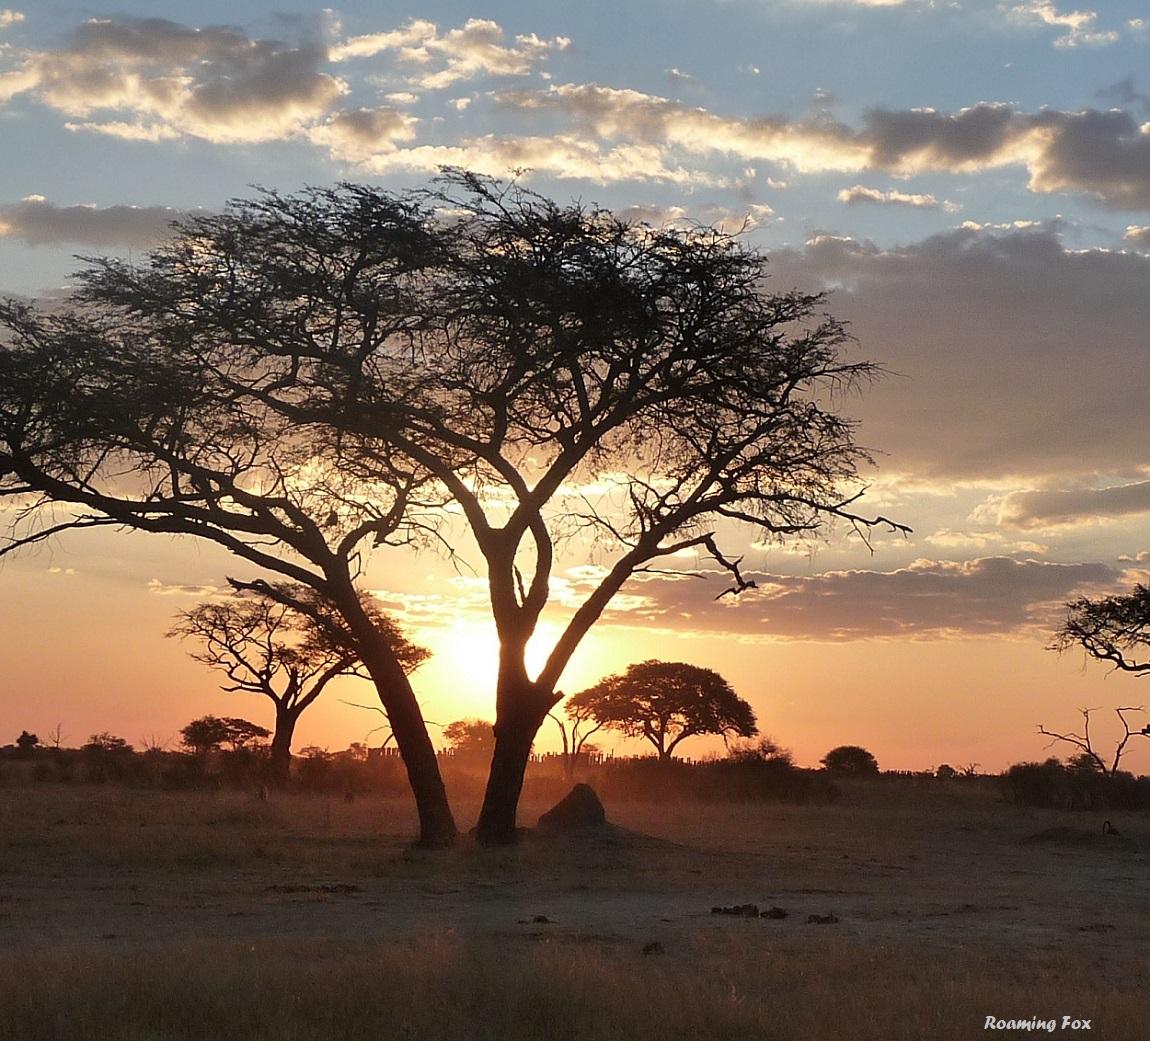 The sun peeping through the trees in Hwange, Zimbabwe